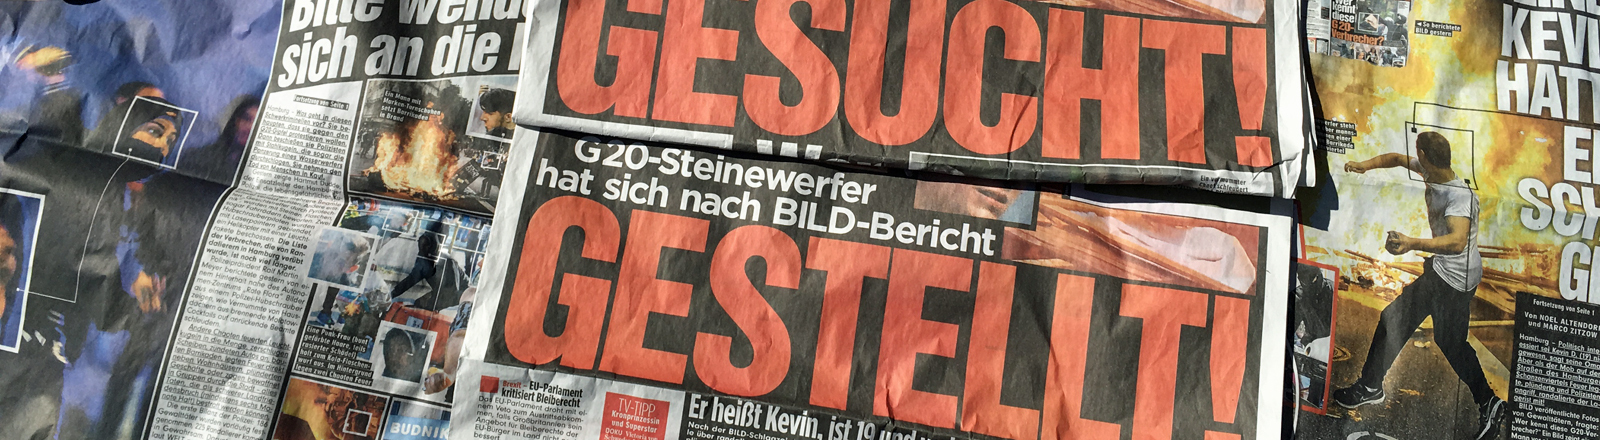 Zwei Ausgaben der BILD-Zeitung.